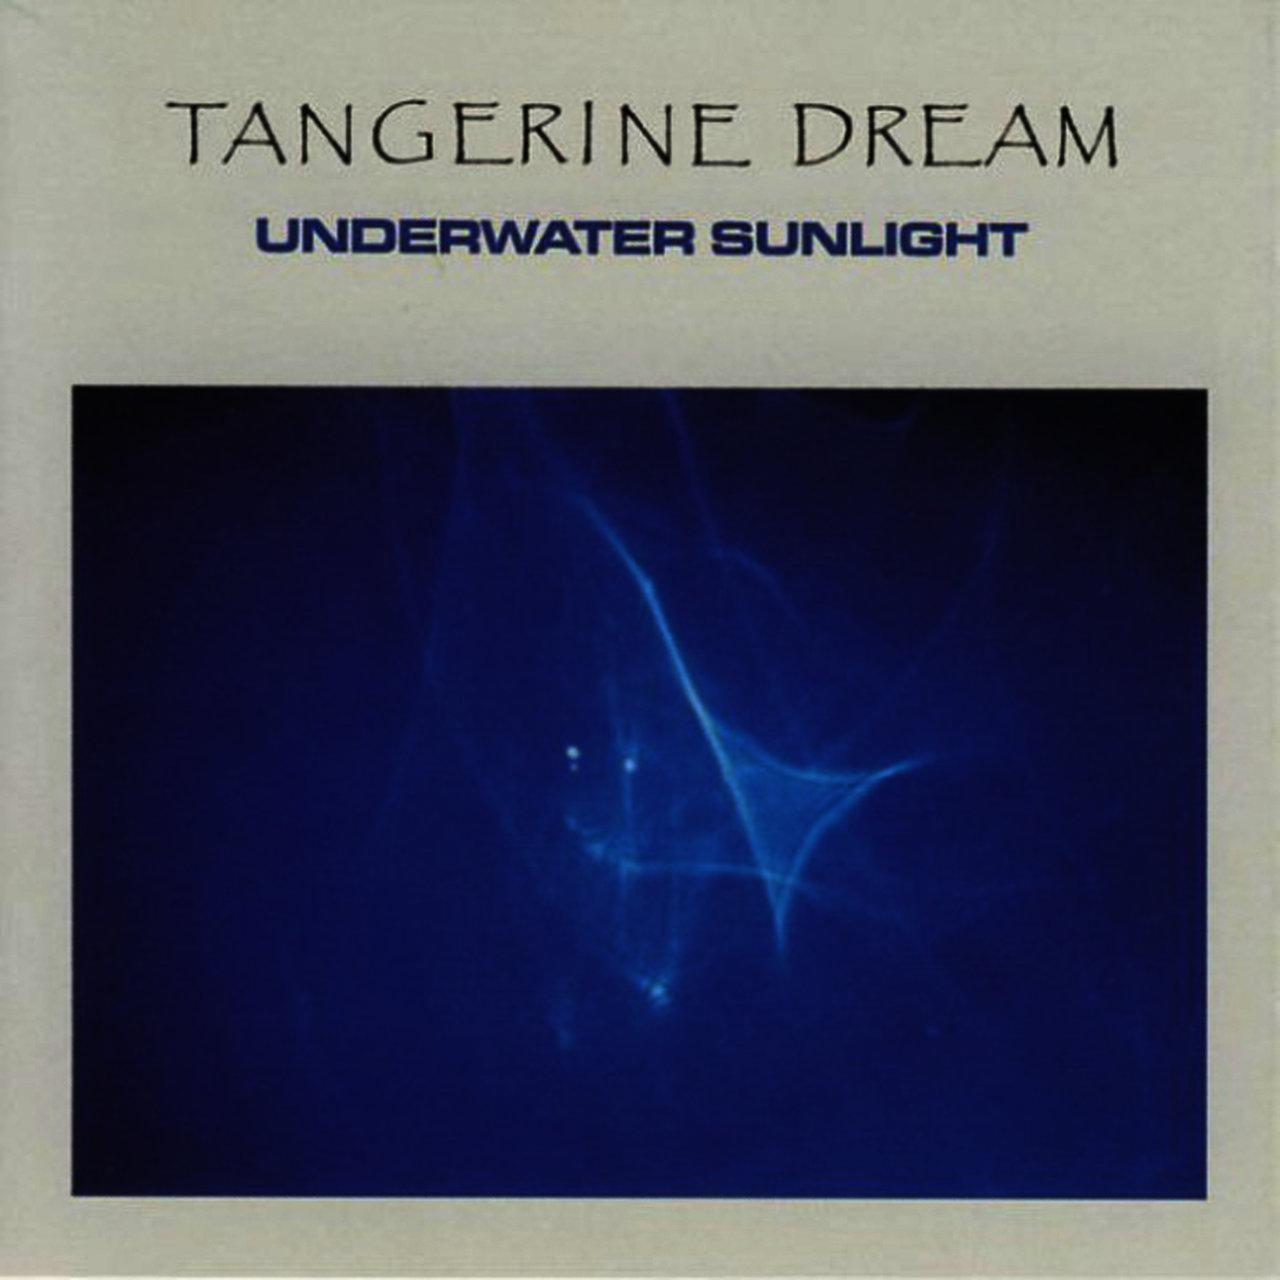 Underwater Sunlight / Tangerine Dream TIDAL for Underwater Sunlight Tangerine Dream  268zmd